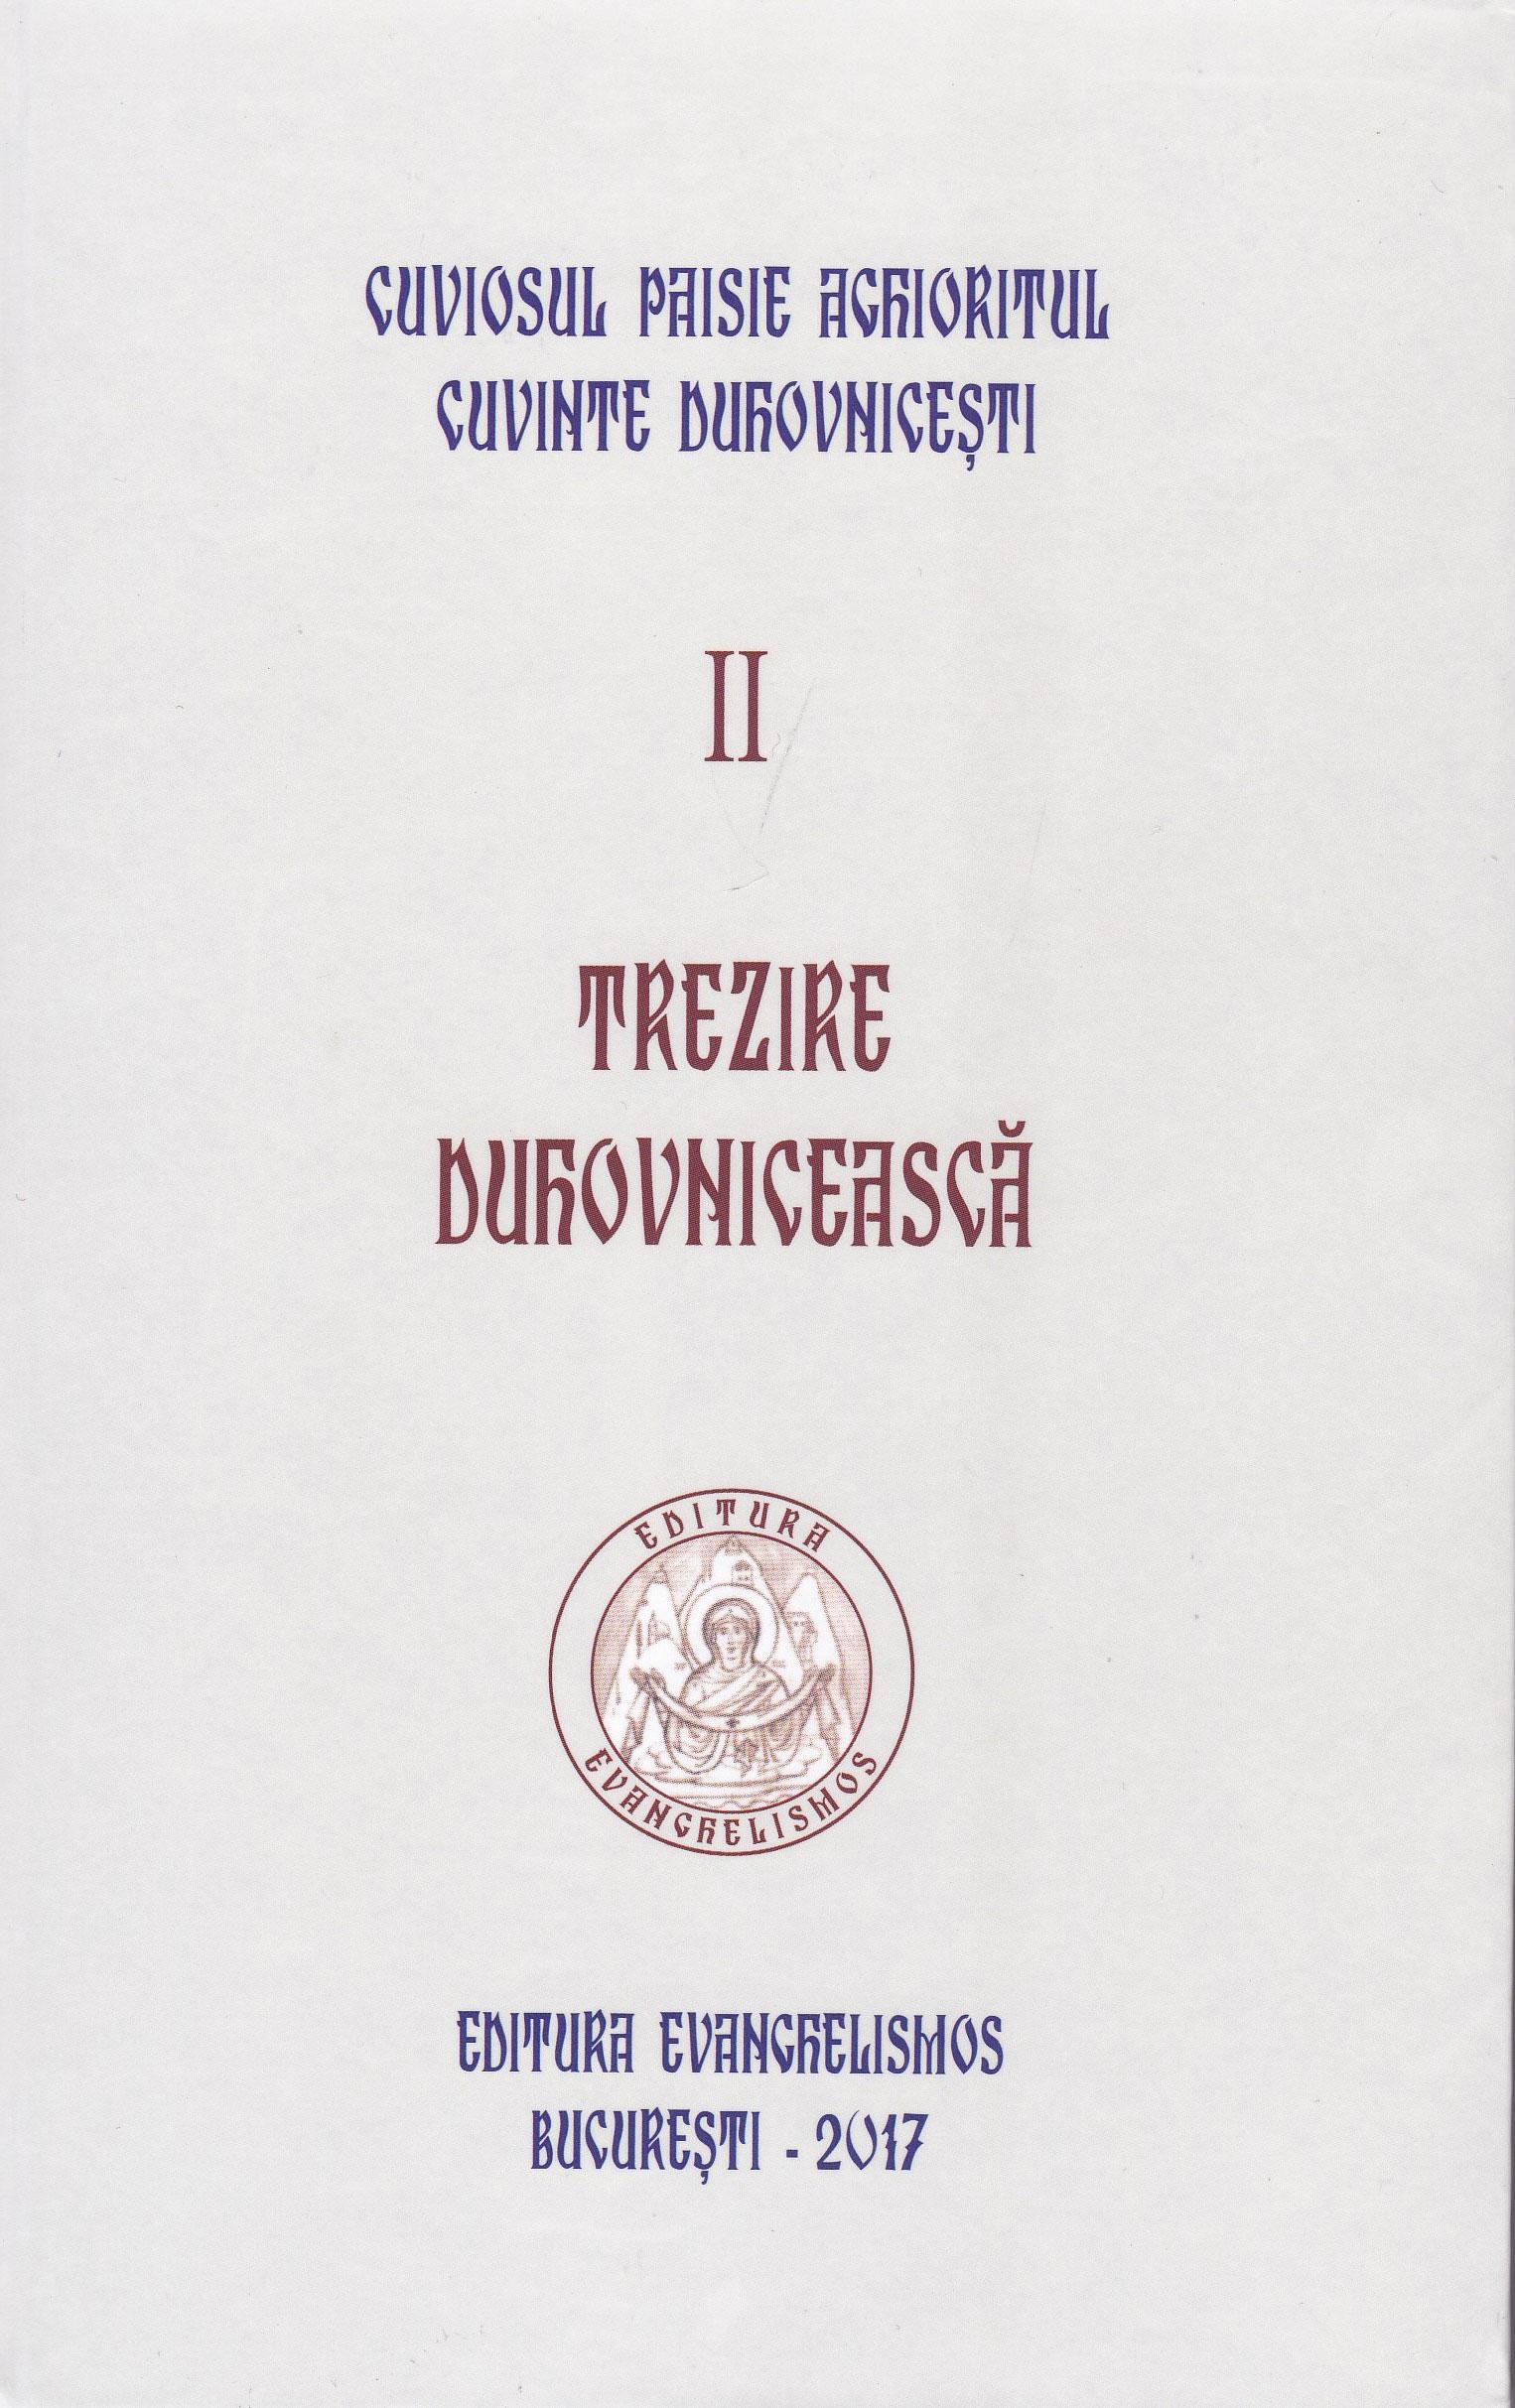 Cuviosul Paisie Aghioritul - Cuvinte duhovnicesti - II Trezire duhovniceasca